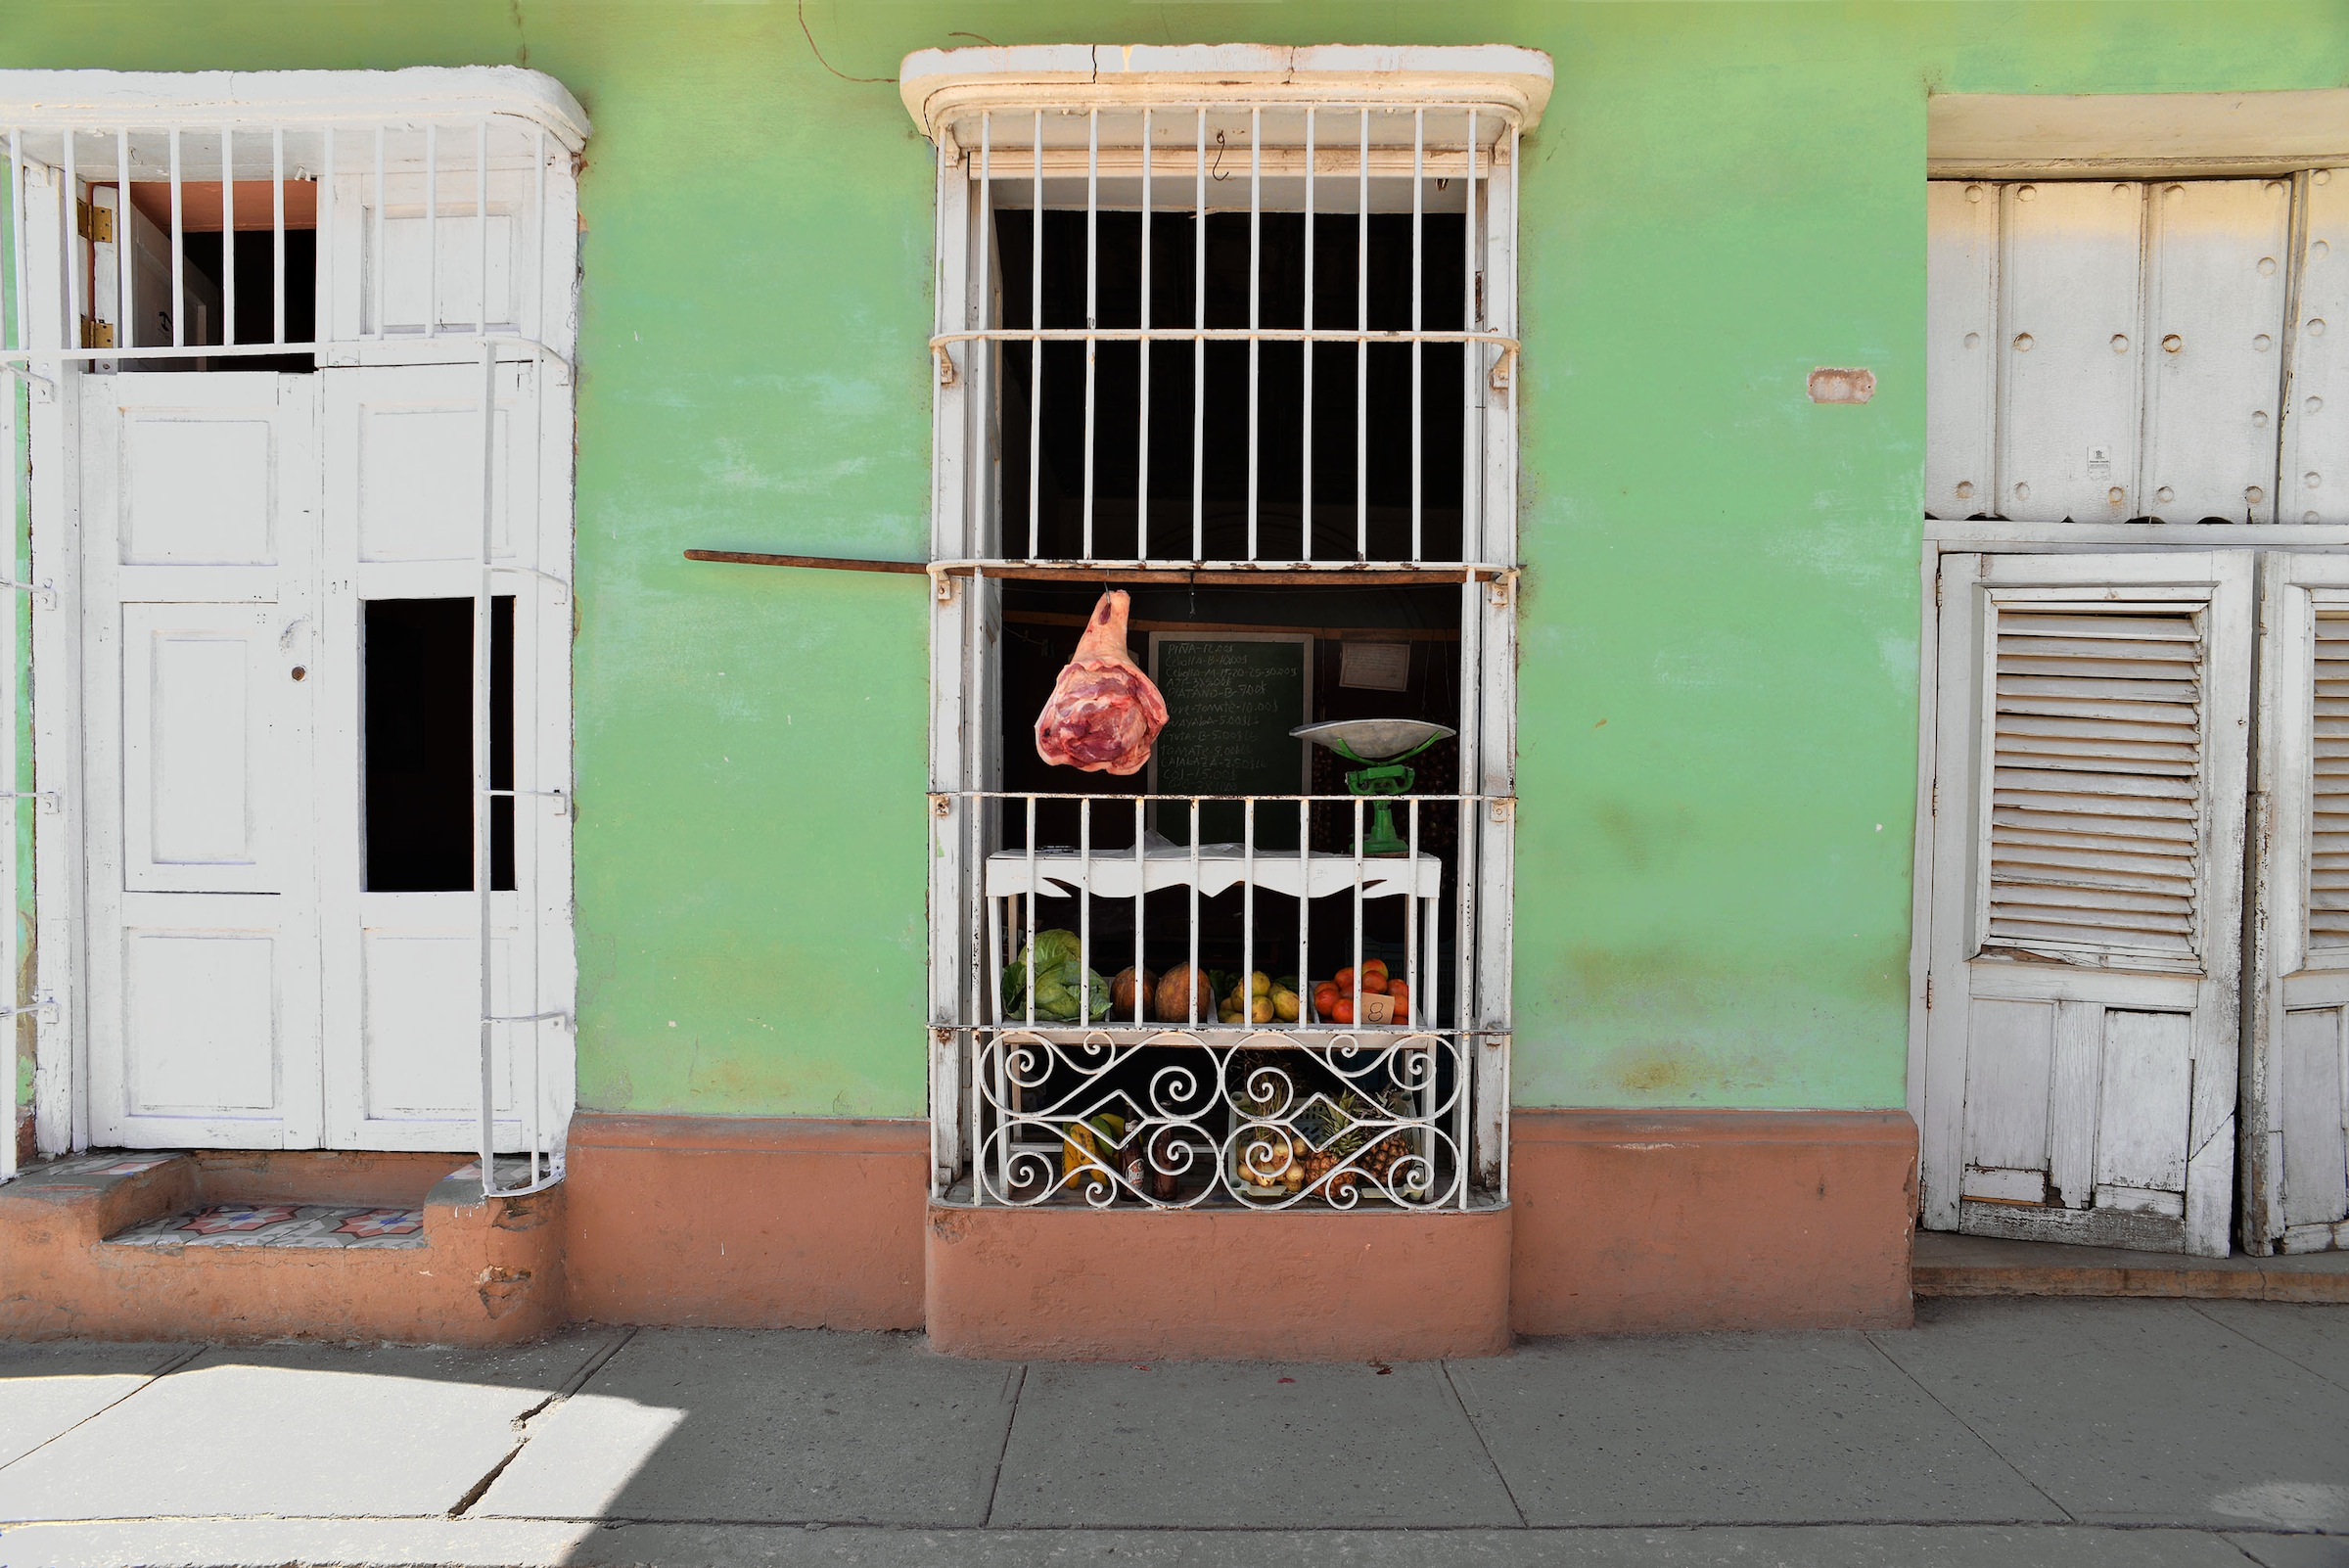 facade series-#21.jpg